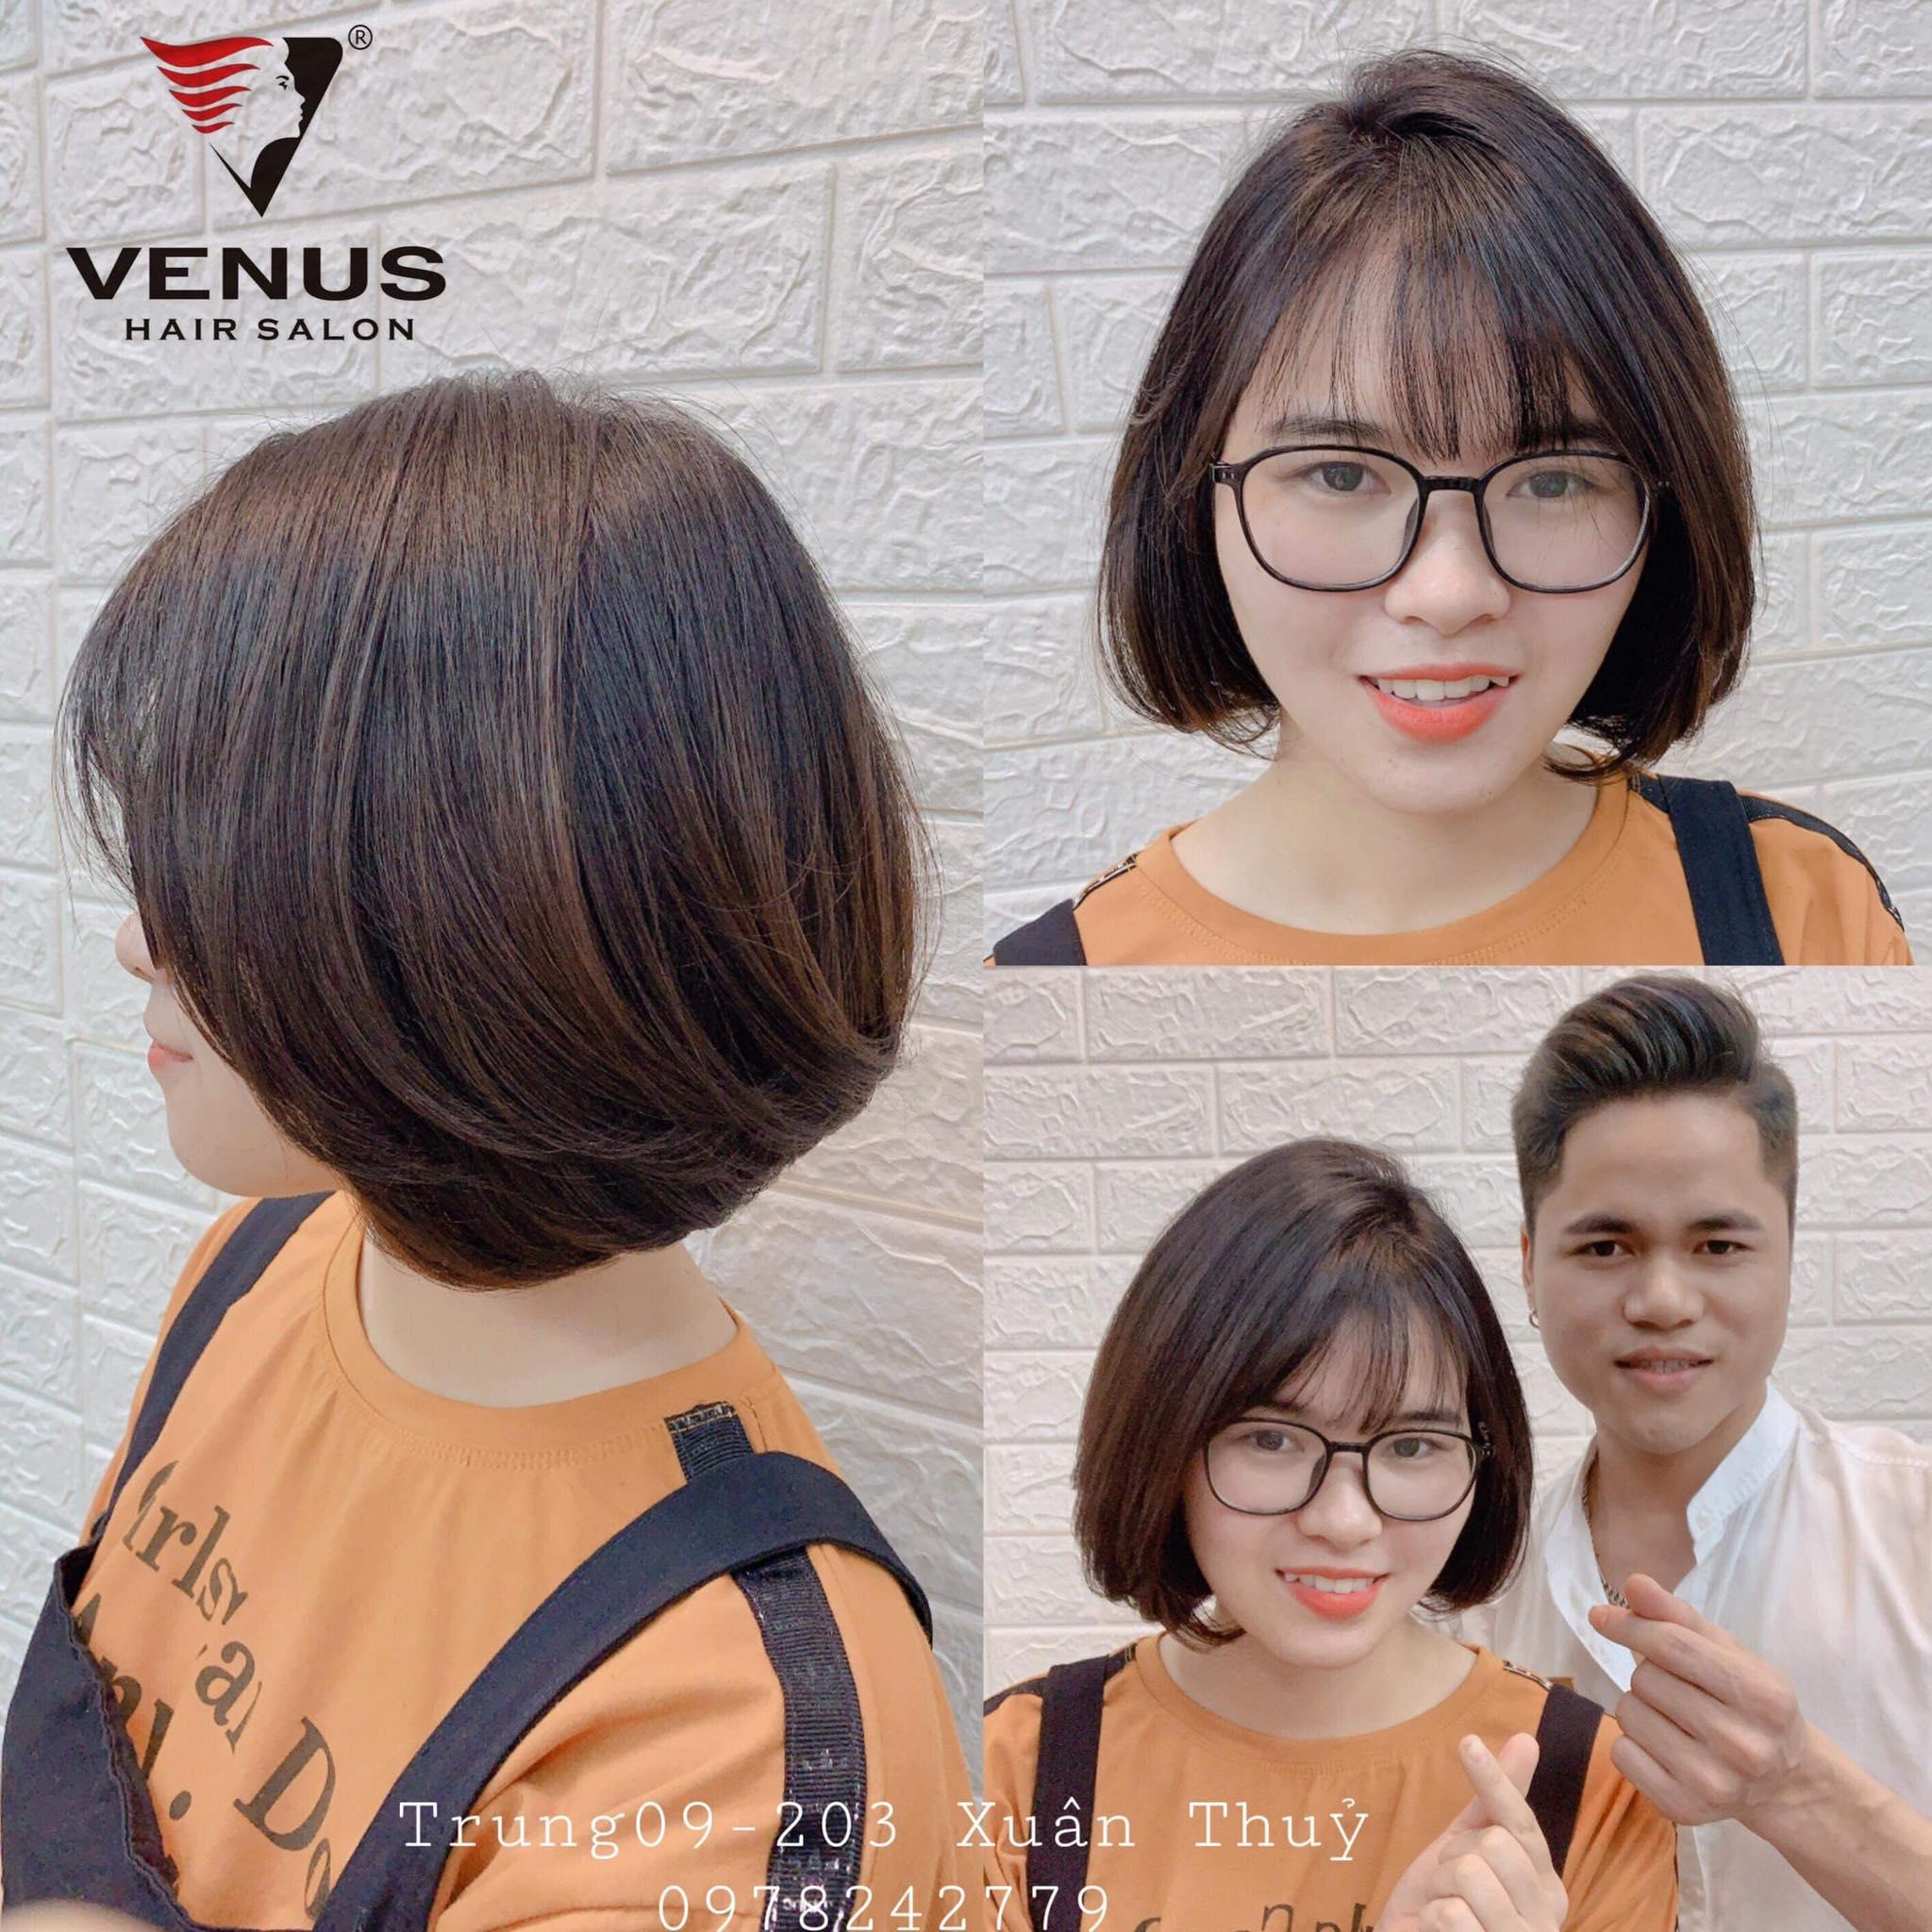 Venus Hair Salon 1